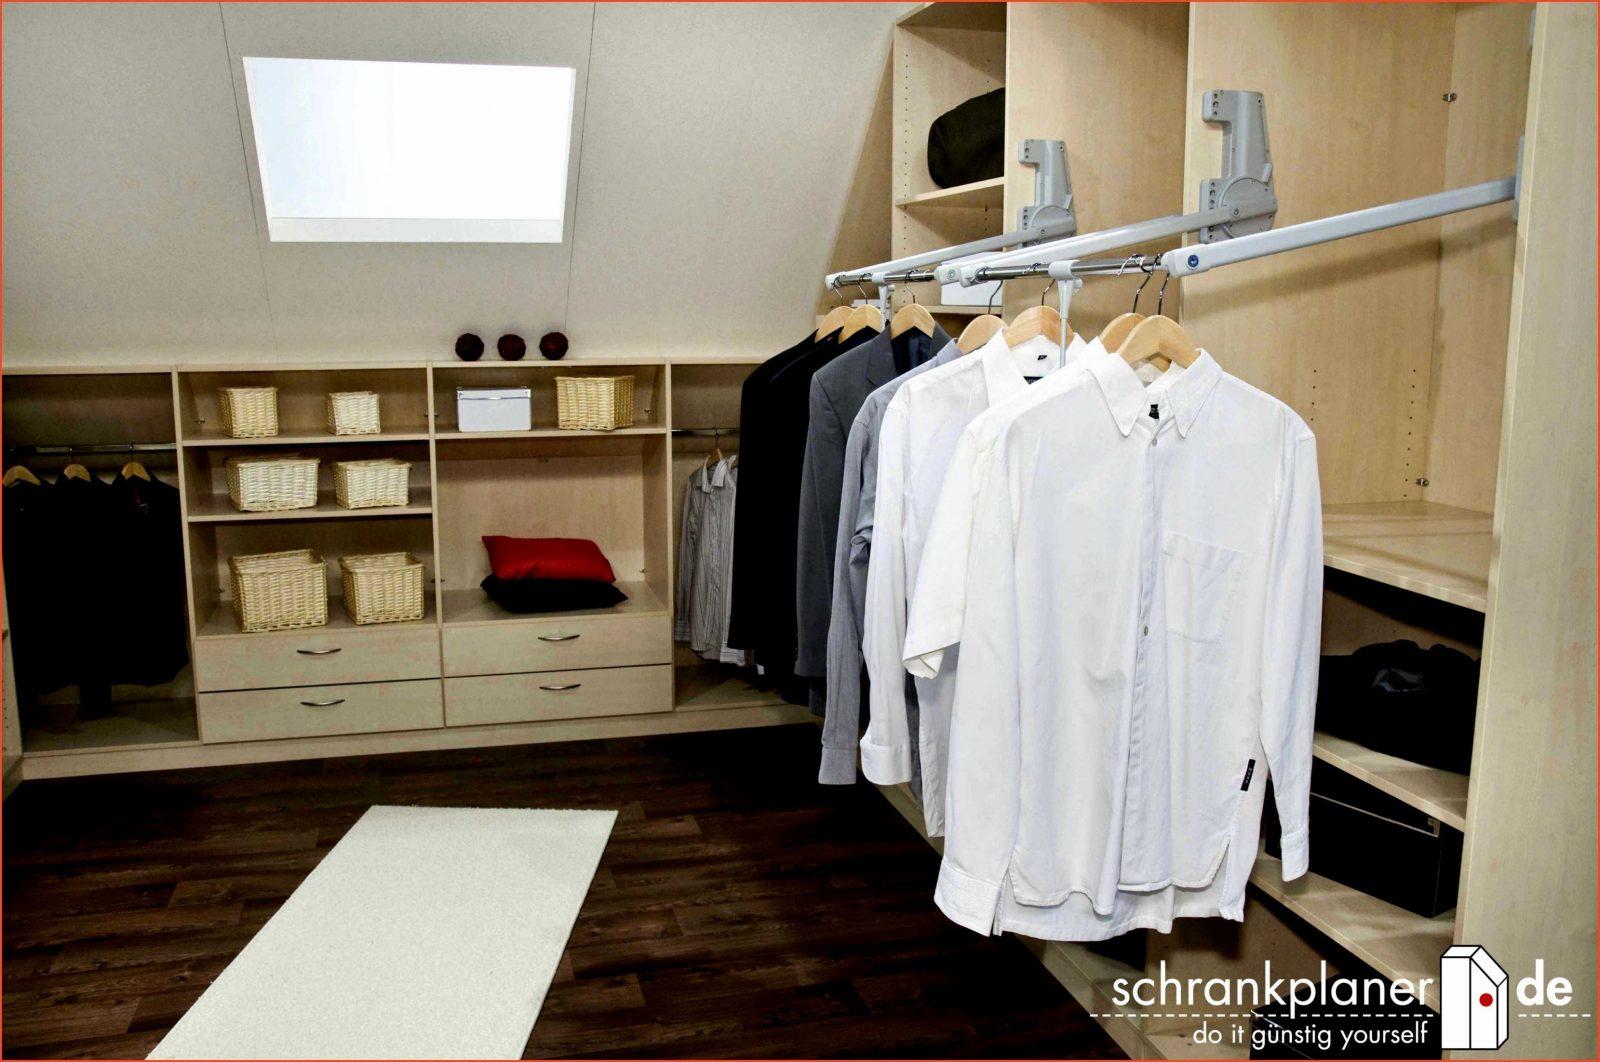 Ikea Schrank Zusammenstellen Brillant Begehbarer Kleiderschrank von Ikea Schrank Selber Planen Bild